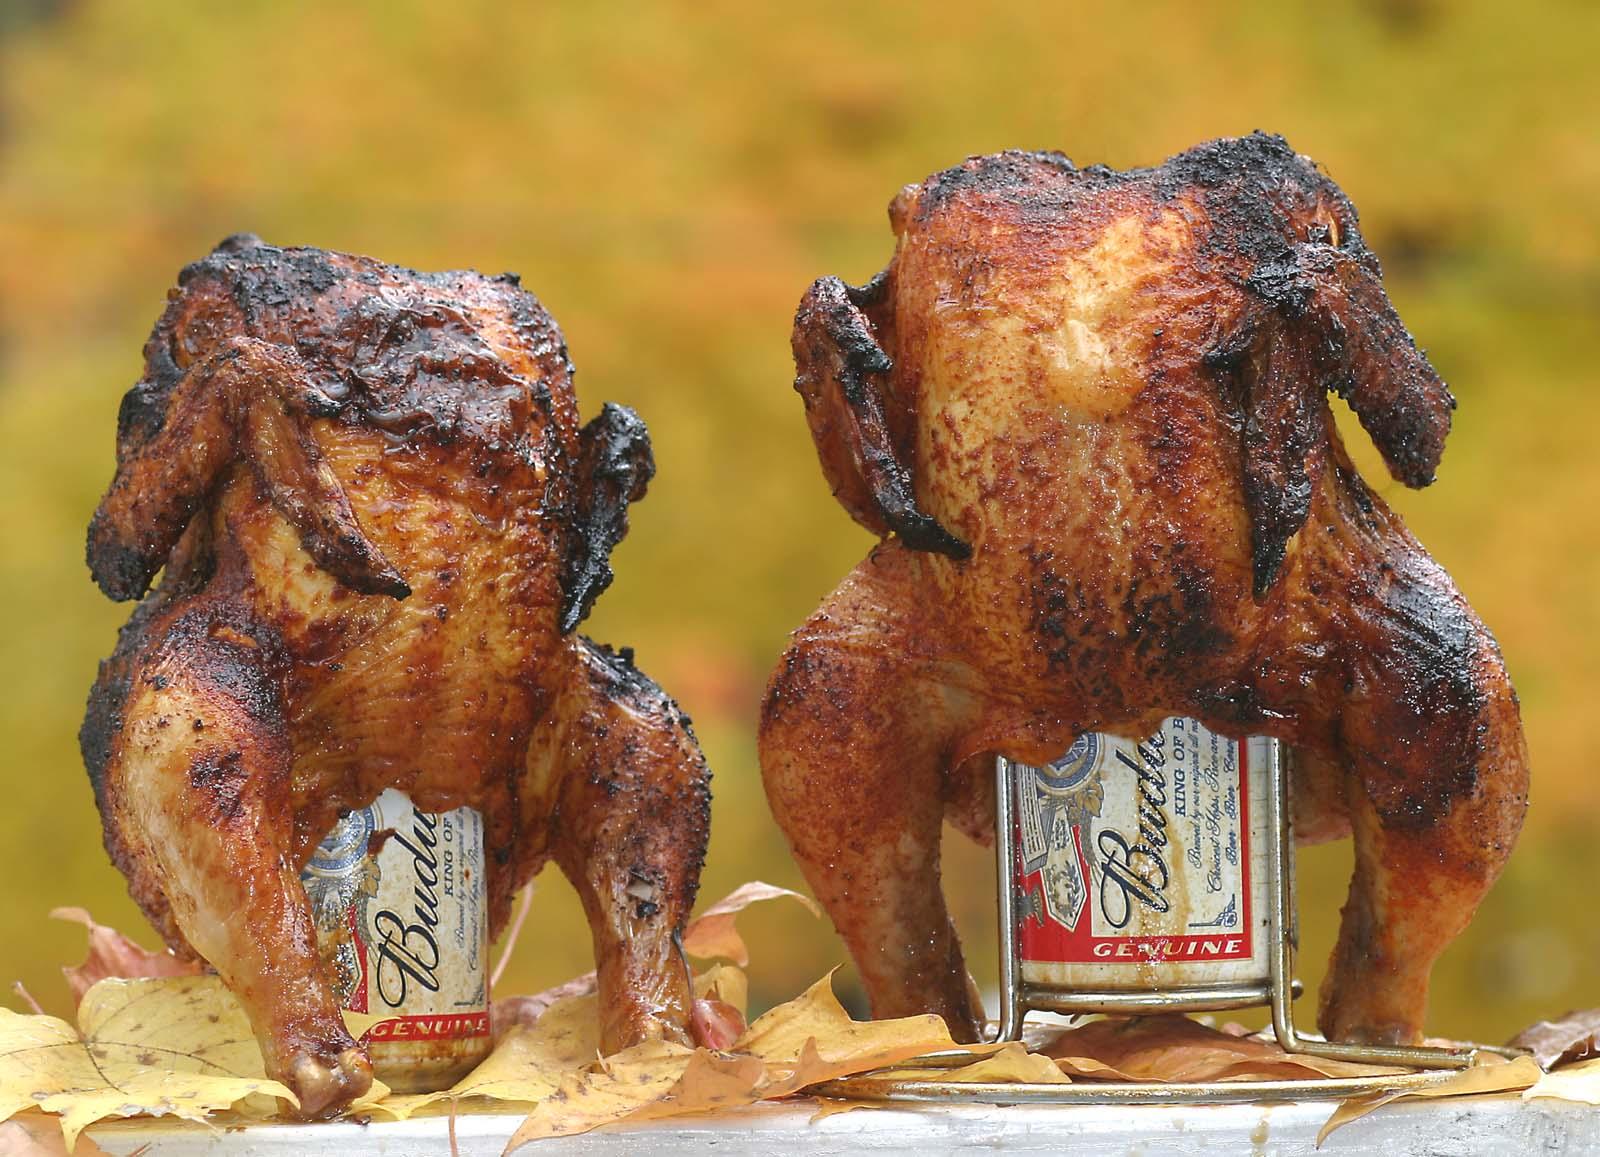 「送料無料」ビール缶チキンのスタンド & ビール缶チキンレシピ